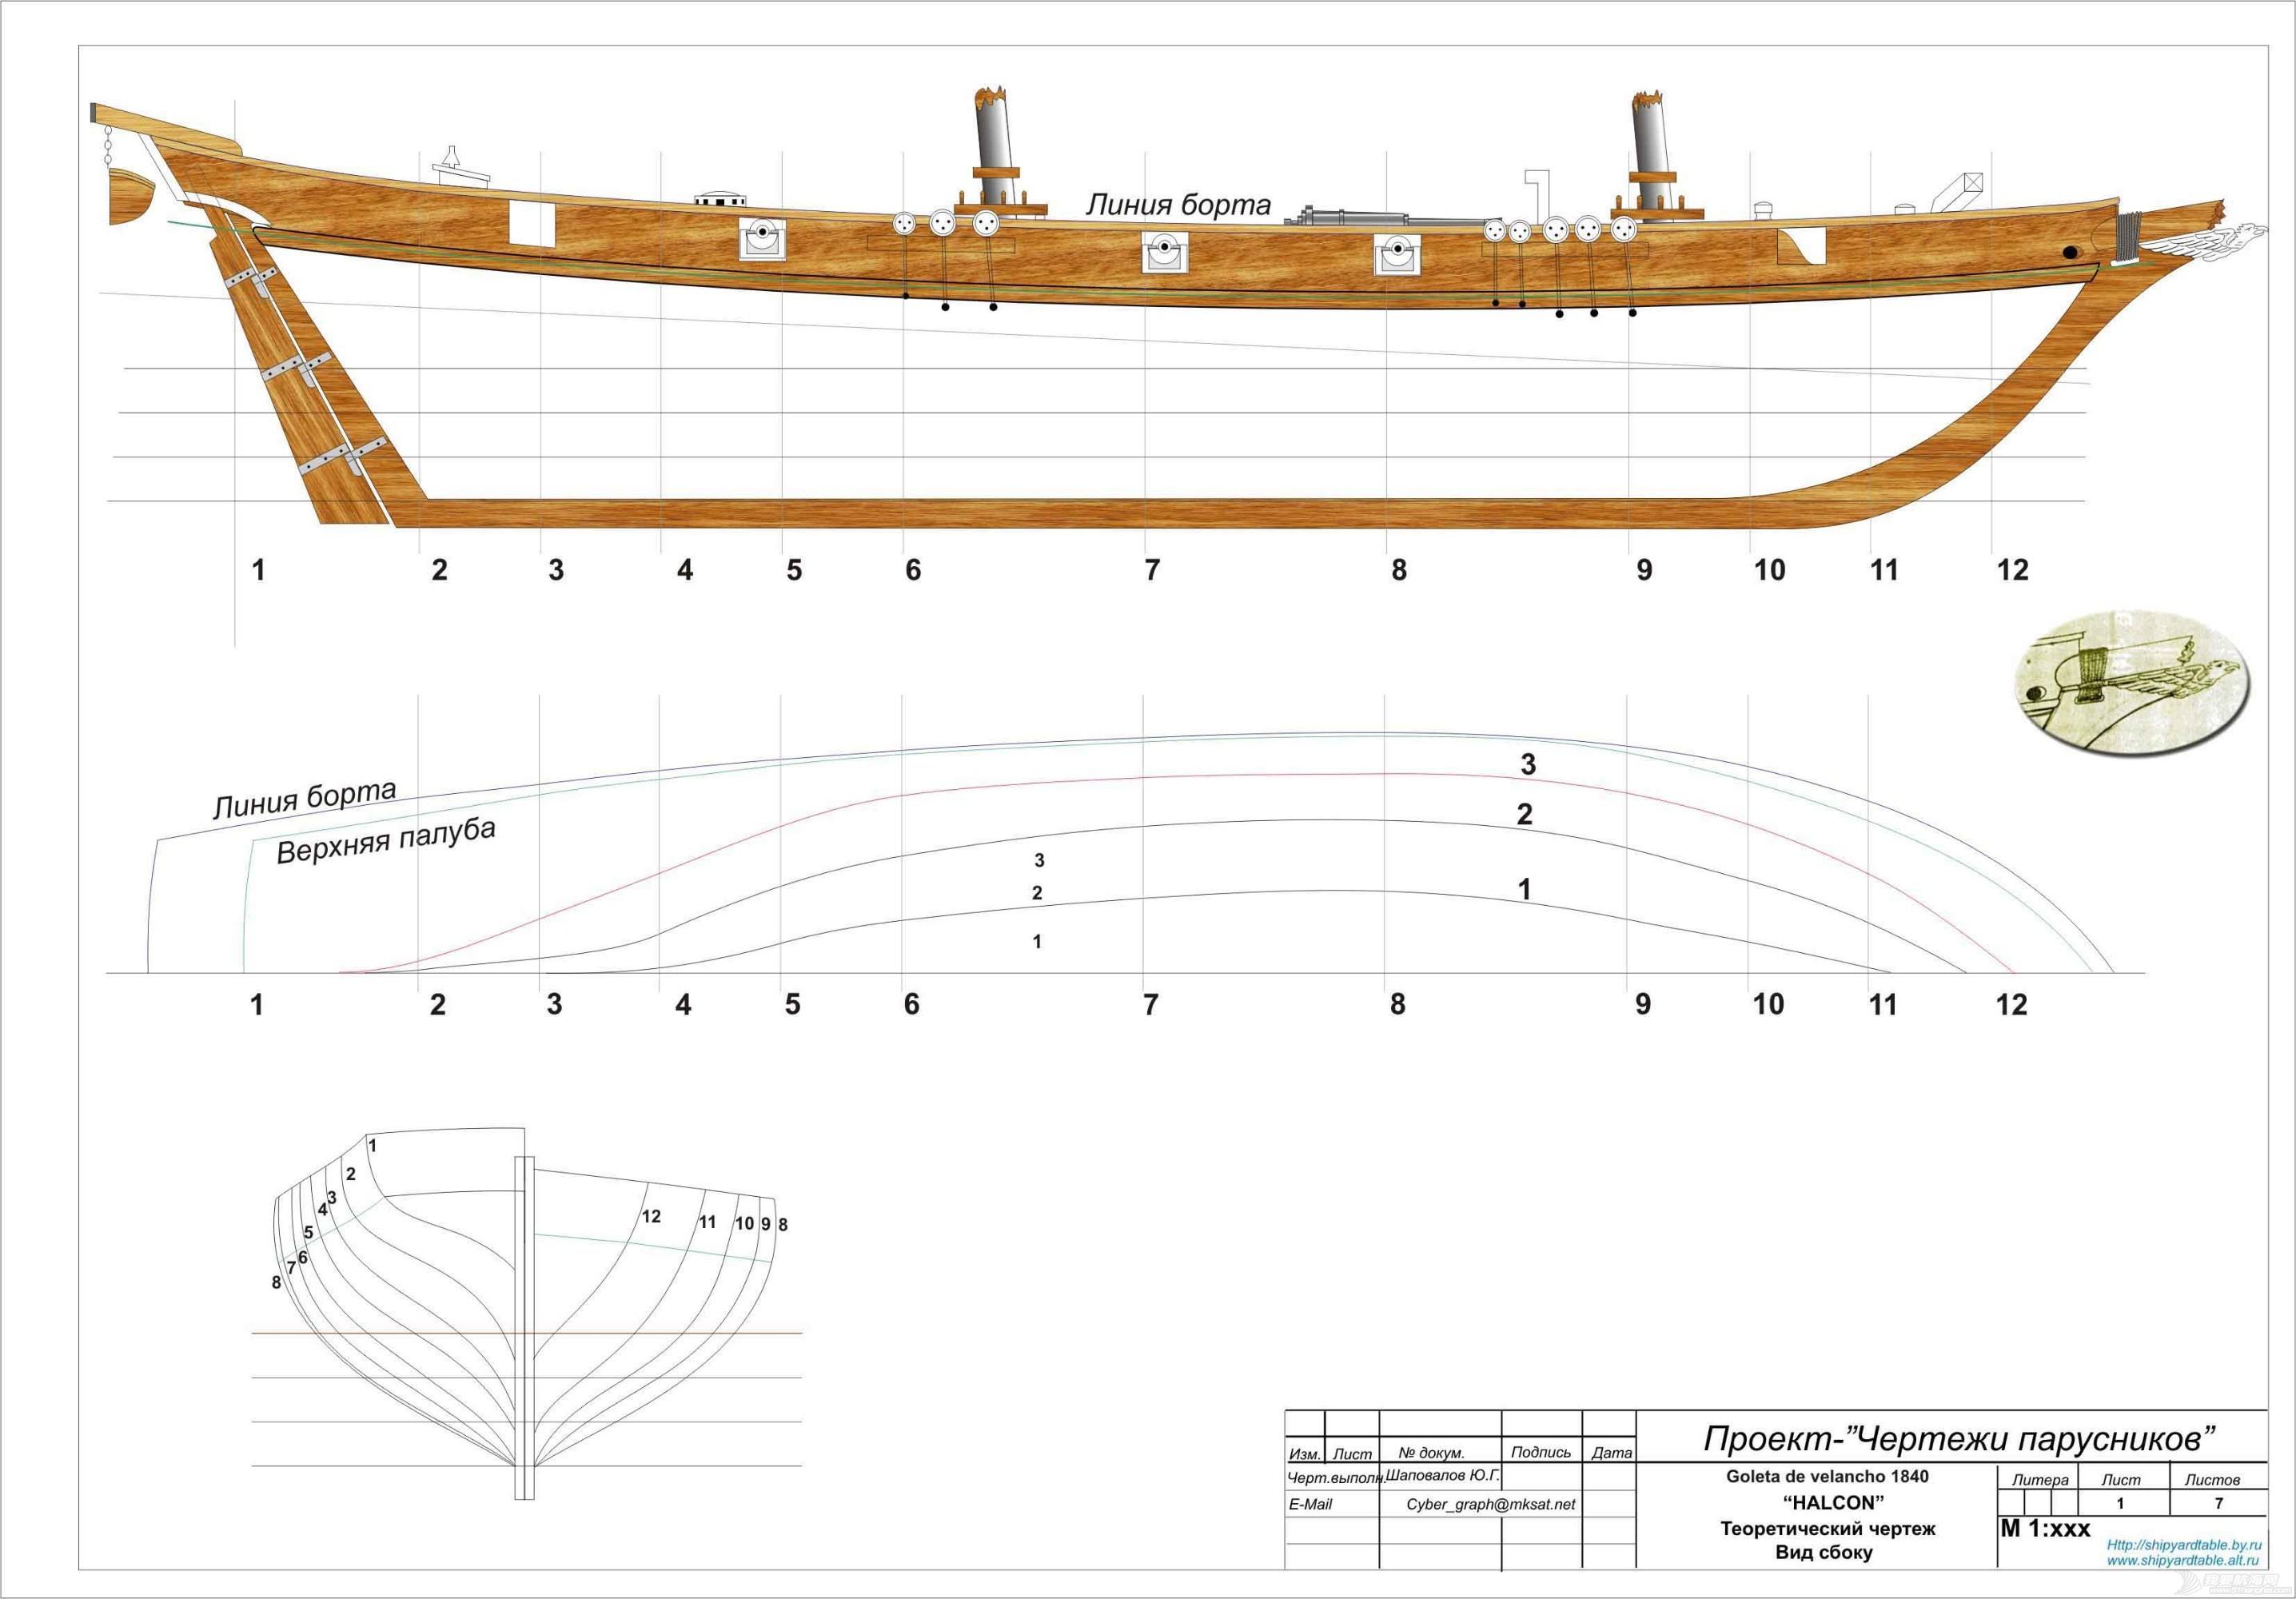 12345,模型 船模型  155636vjzenifjfeznjtxk